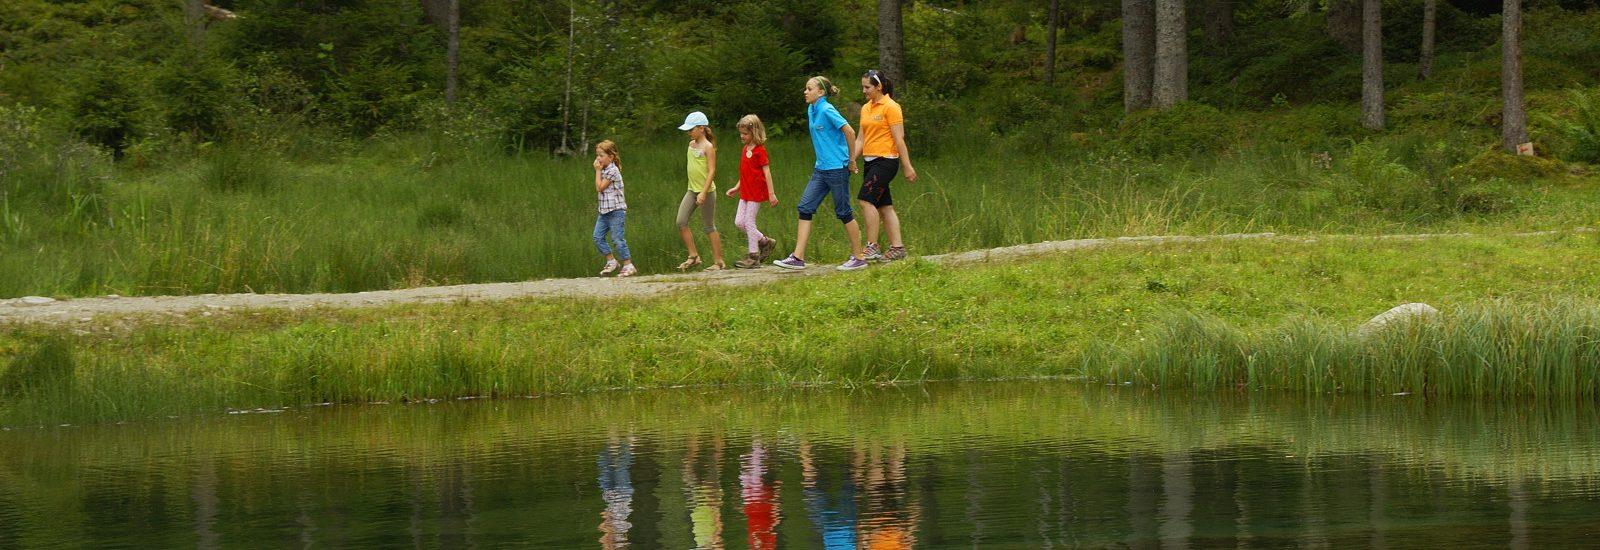 Rund um den See führt der Natura Trail Blausee.